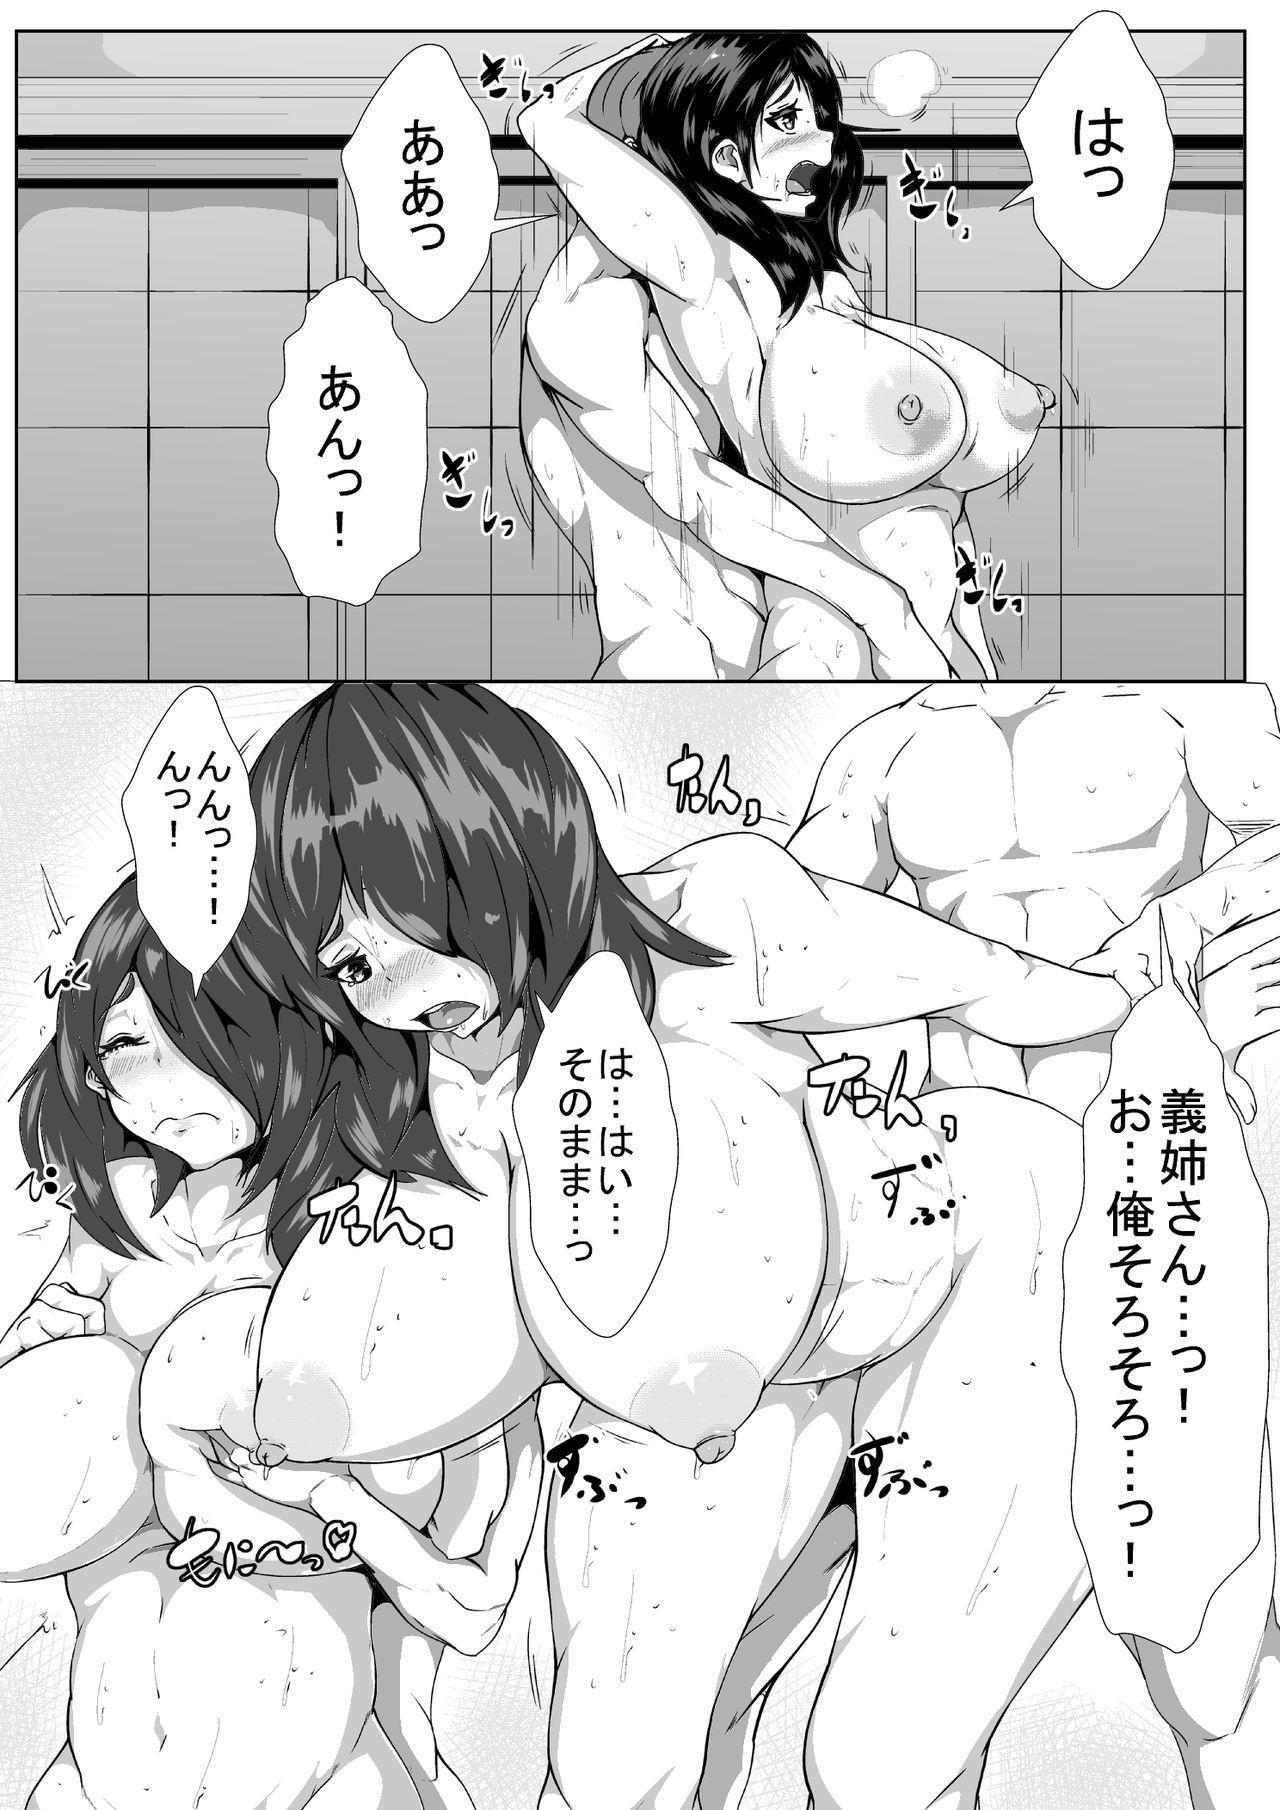 Aniki no Yome o Haramaseru 1